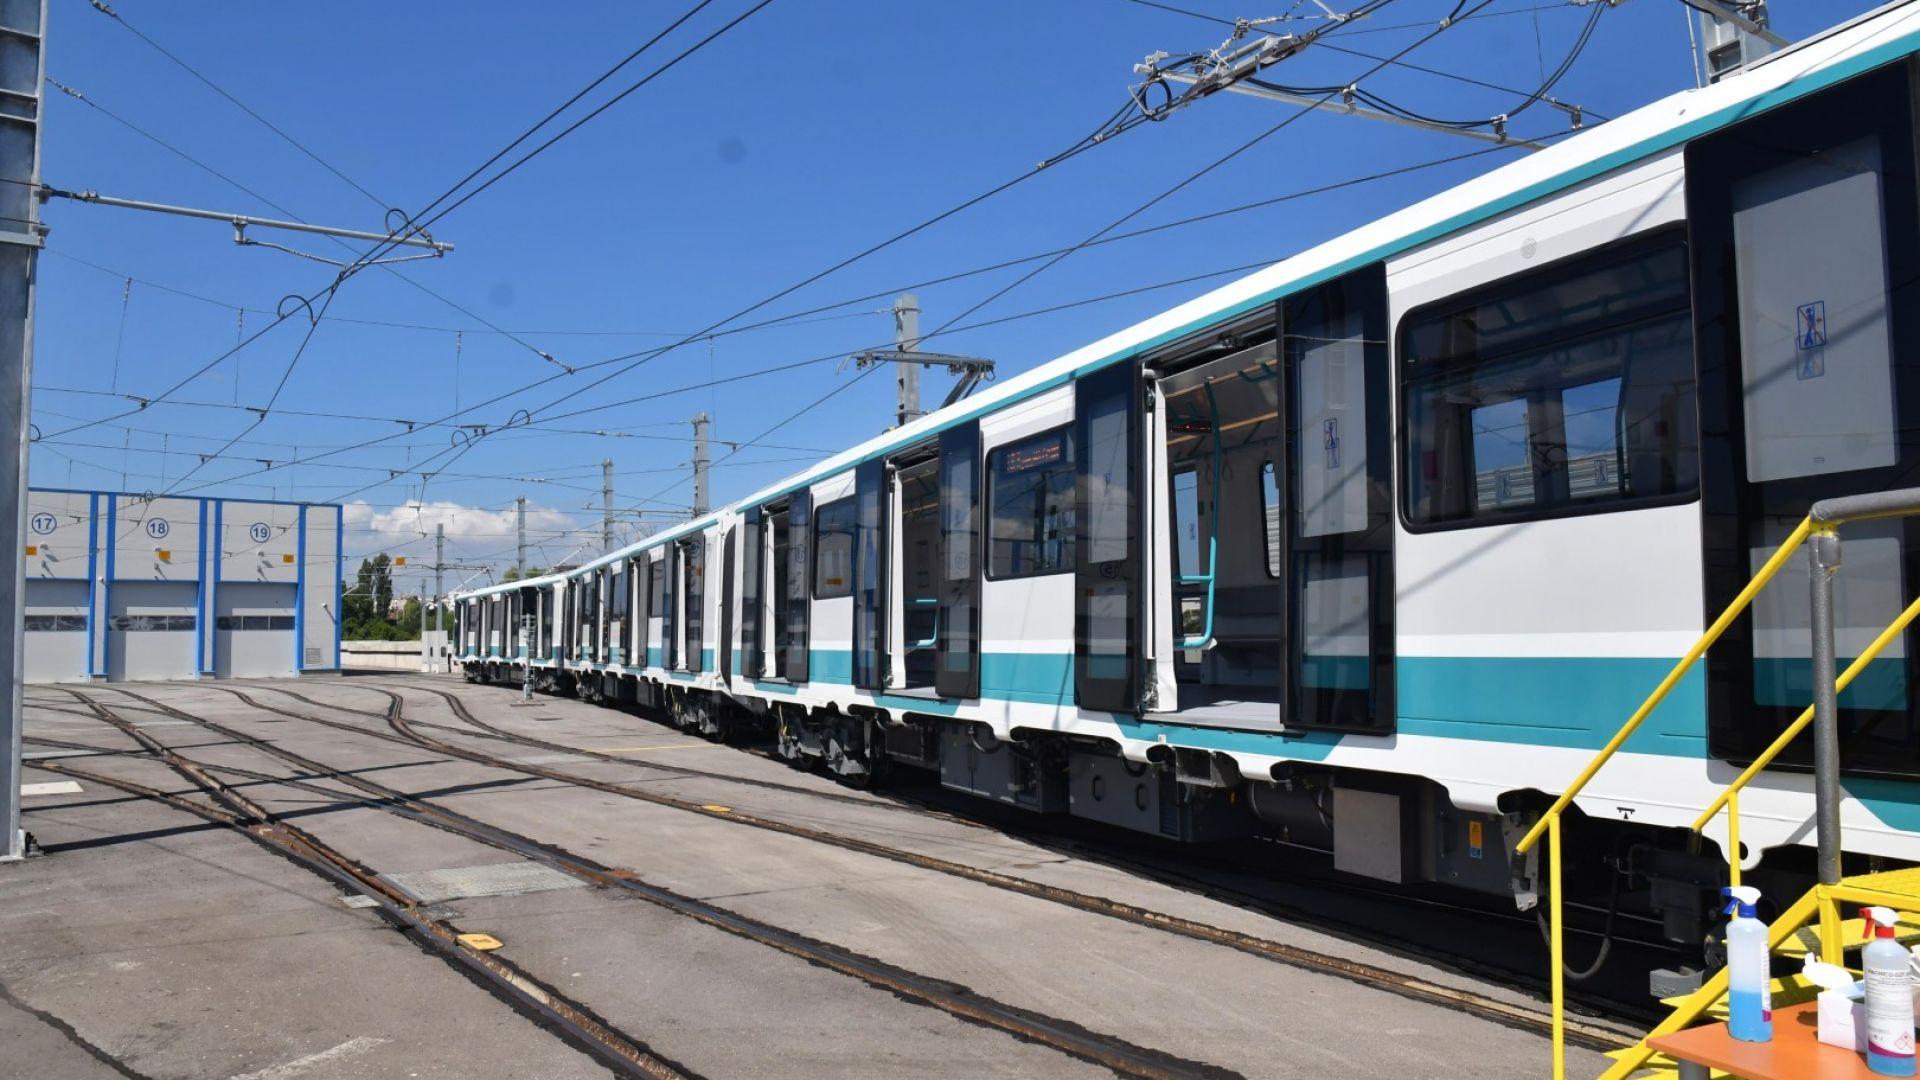 Фандъкова: Обмисляме да се намали интервала на влаковете на метрото в пиковите часове